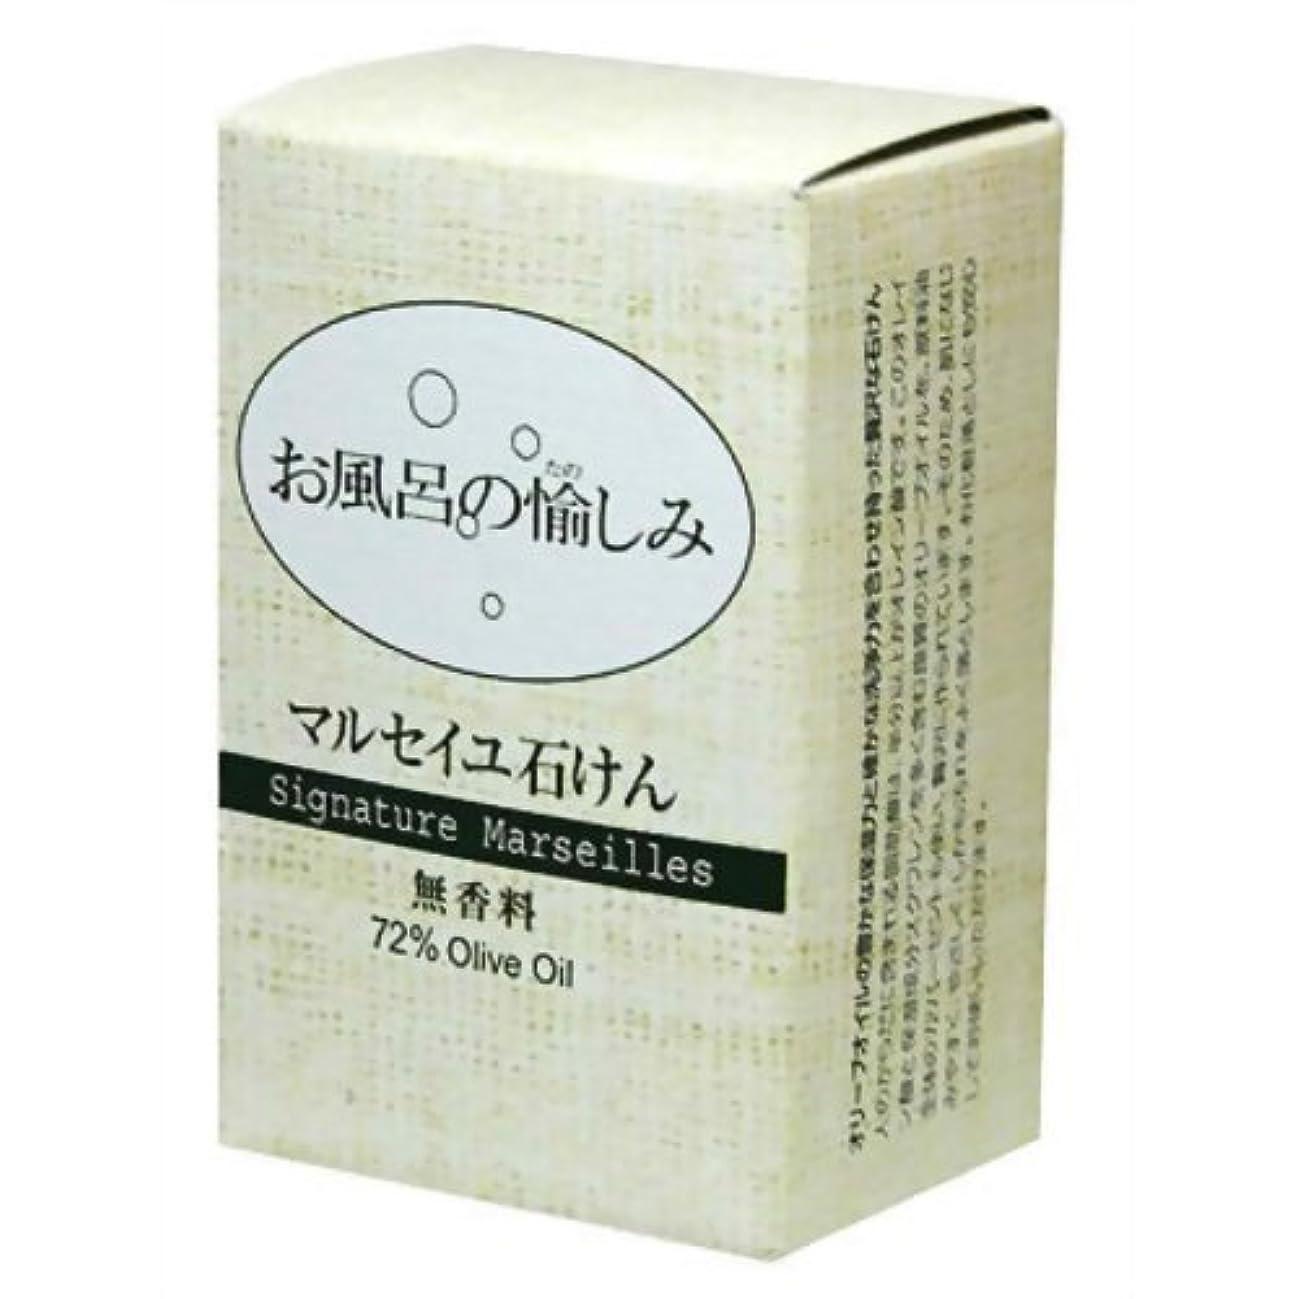 太平洋諸島収縮再びお風呂の愉しみ マルセイユ石鹸 (無香料)